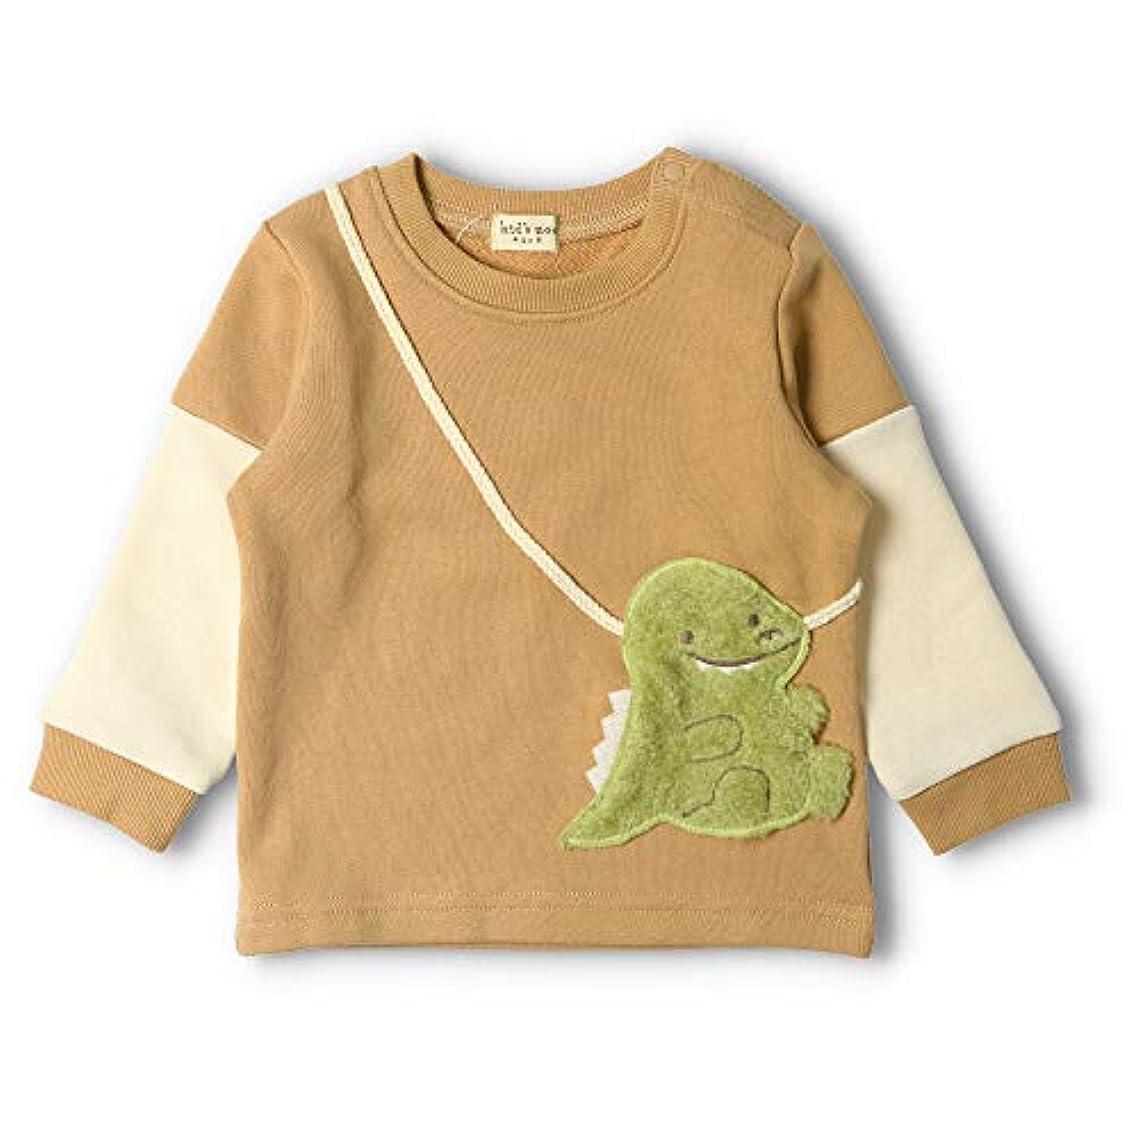 天井イサカ限られた【子供服】 kids zoo (キッズズー) ボア恐竜ポシェット風裏毛トレーナー 70cm~95cm W52601